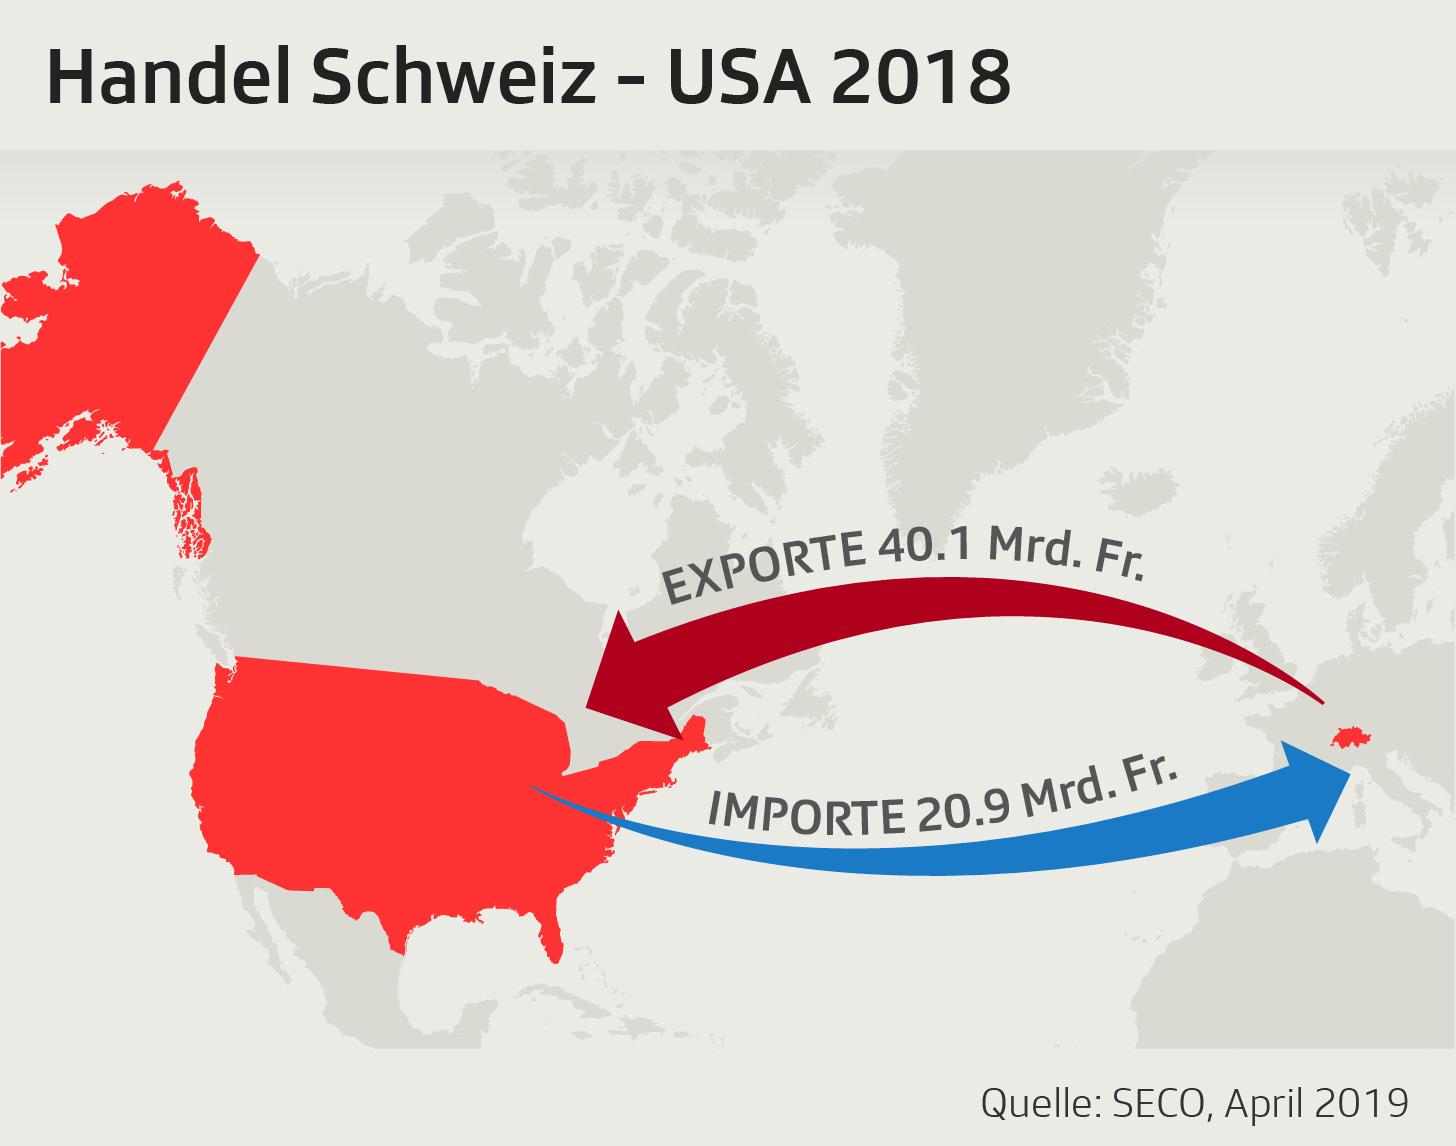 Grafik zeigt Summe der Handelsbilanz in Milliarden Franken zwischen der Schweiz und den USA